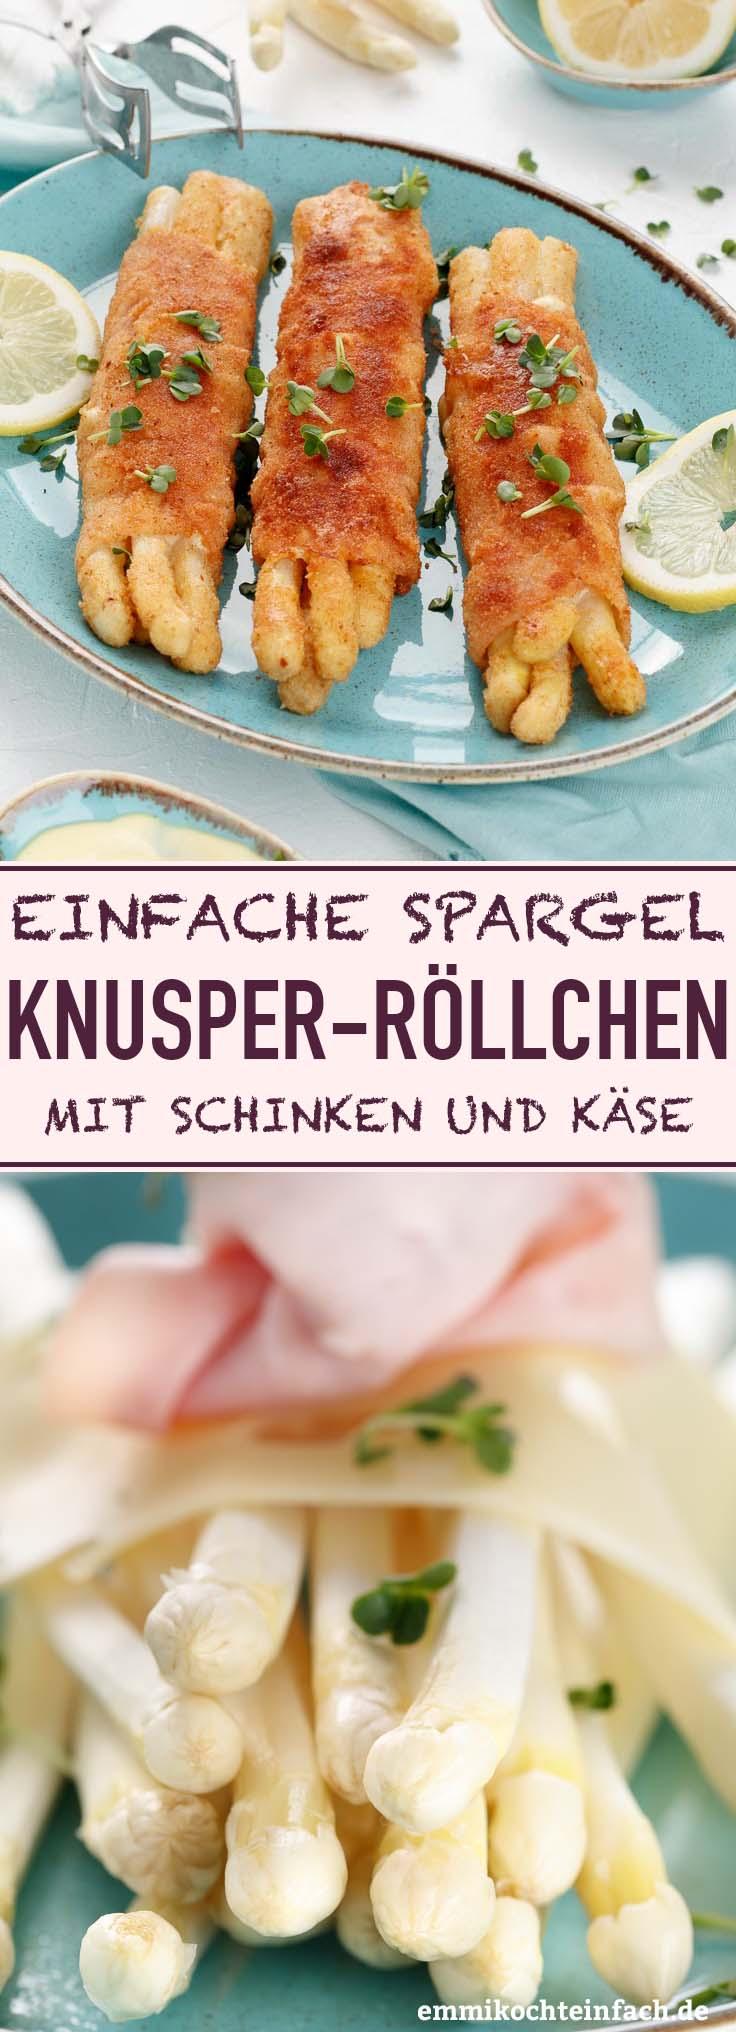 Spargel-Knusperröllchen mit Schinken und Käse - www.emmikochteinfach.de